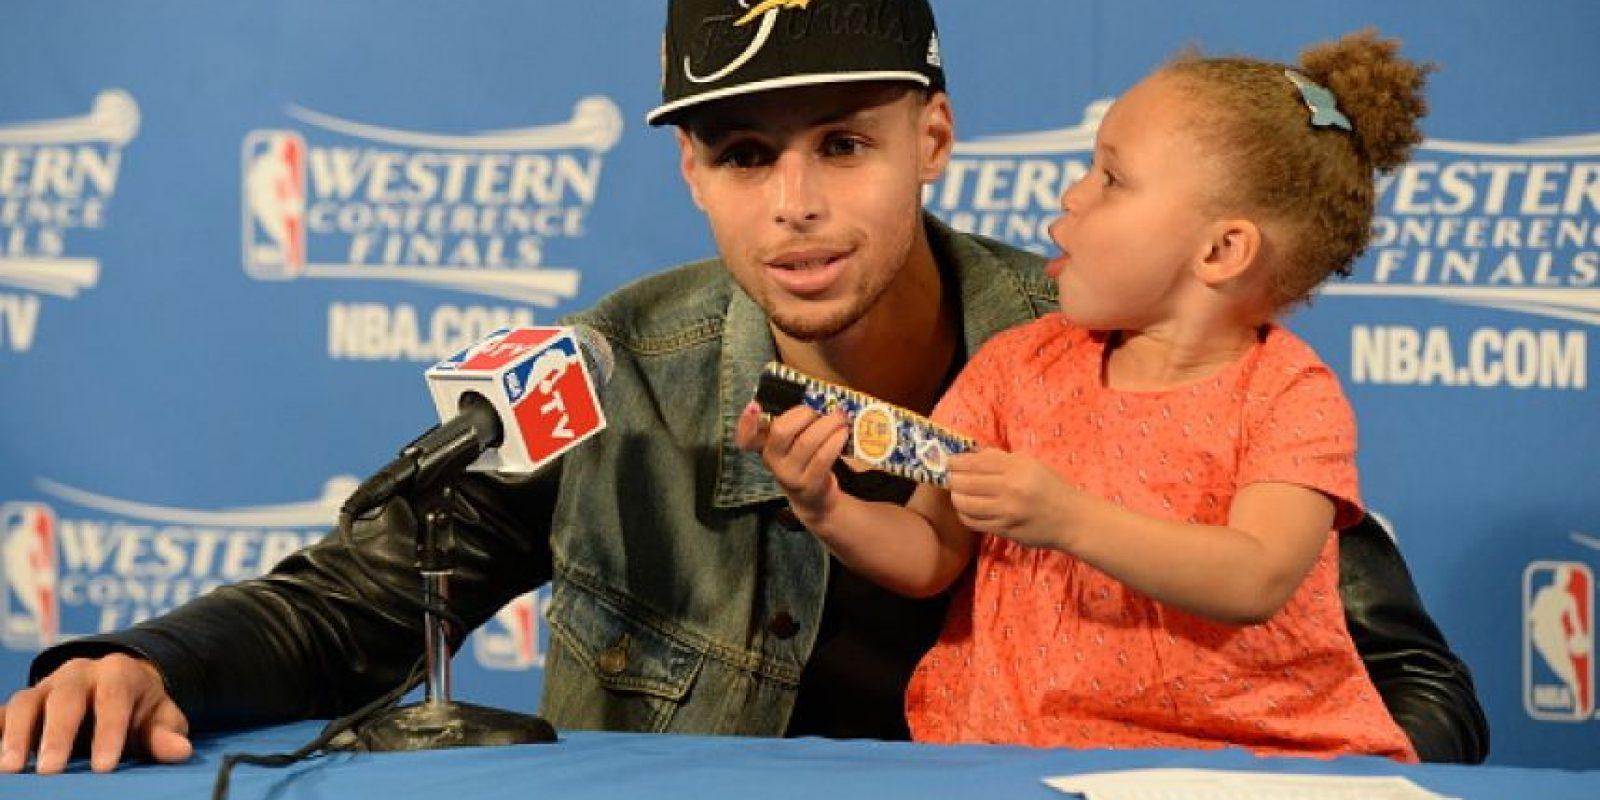 Acompaña a su padre a todos lados y combina sus bellos ojos claros con bostezos cuando él habla. Foto:Getty Images